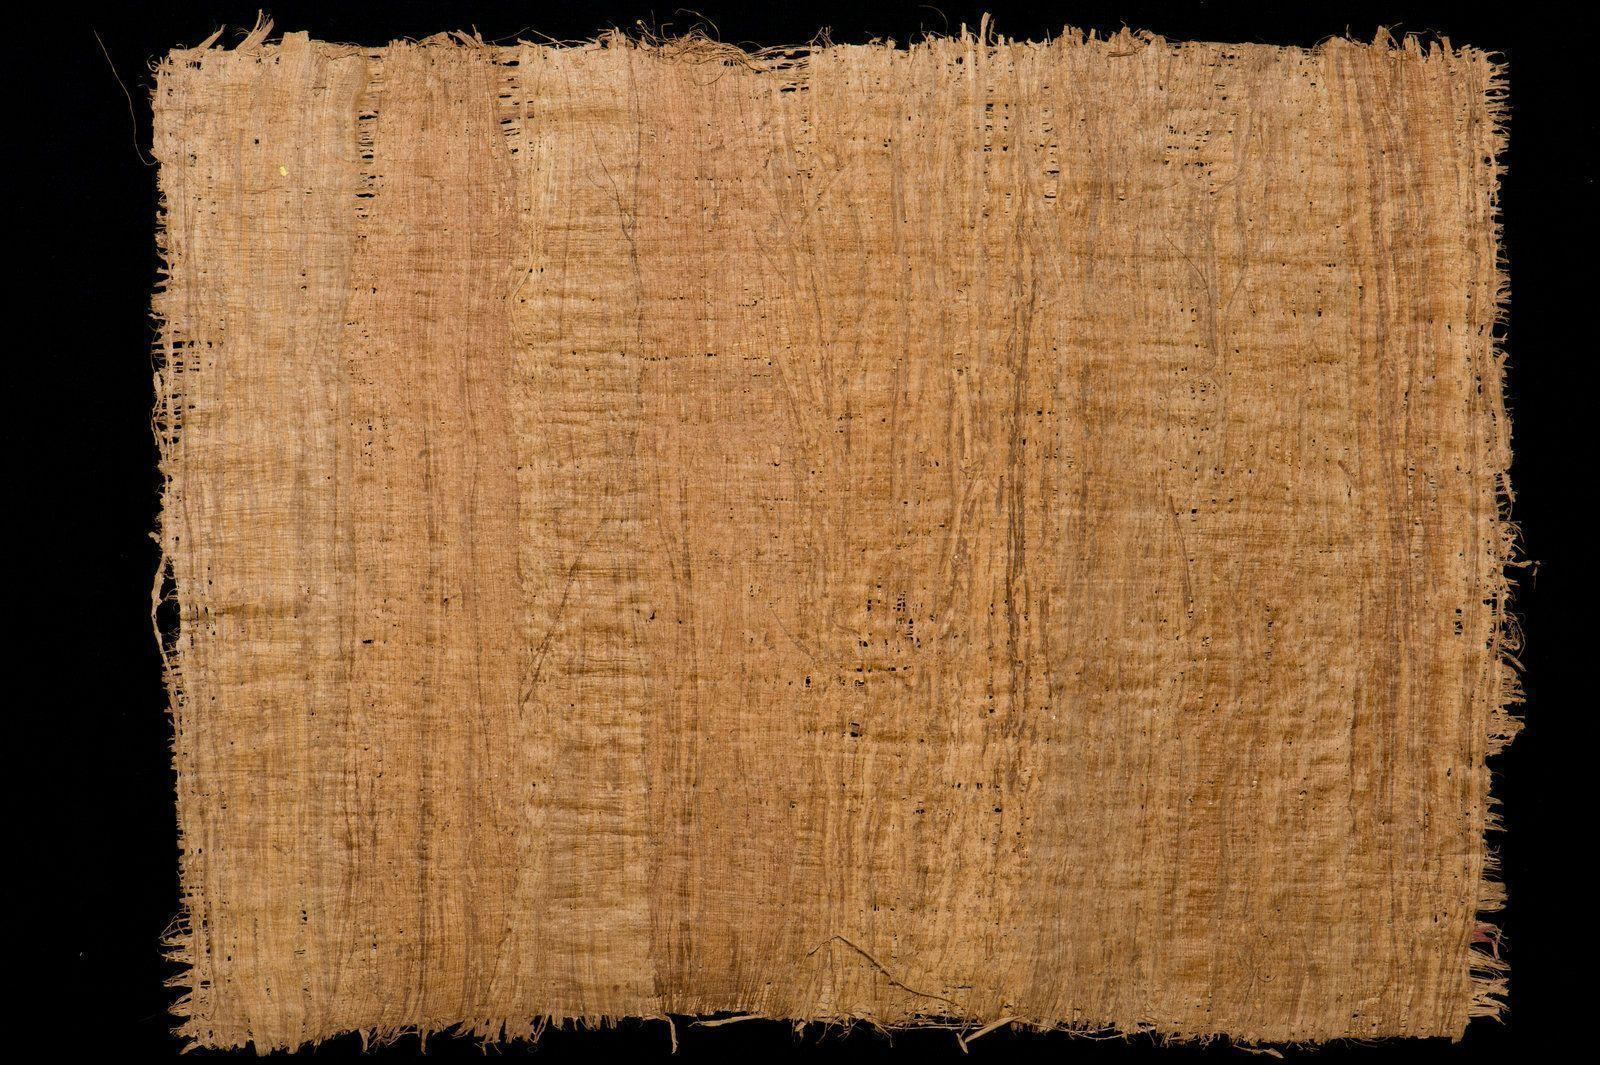 дизайн картинки древних бумаг возможность